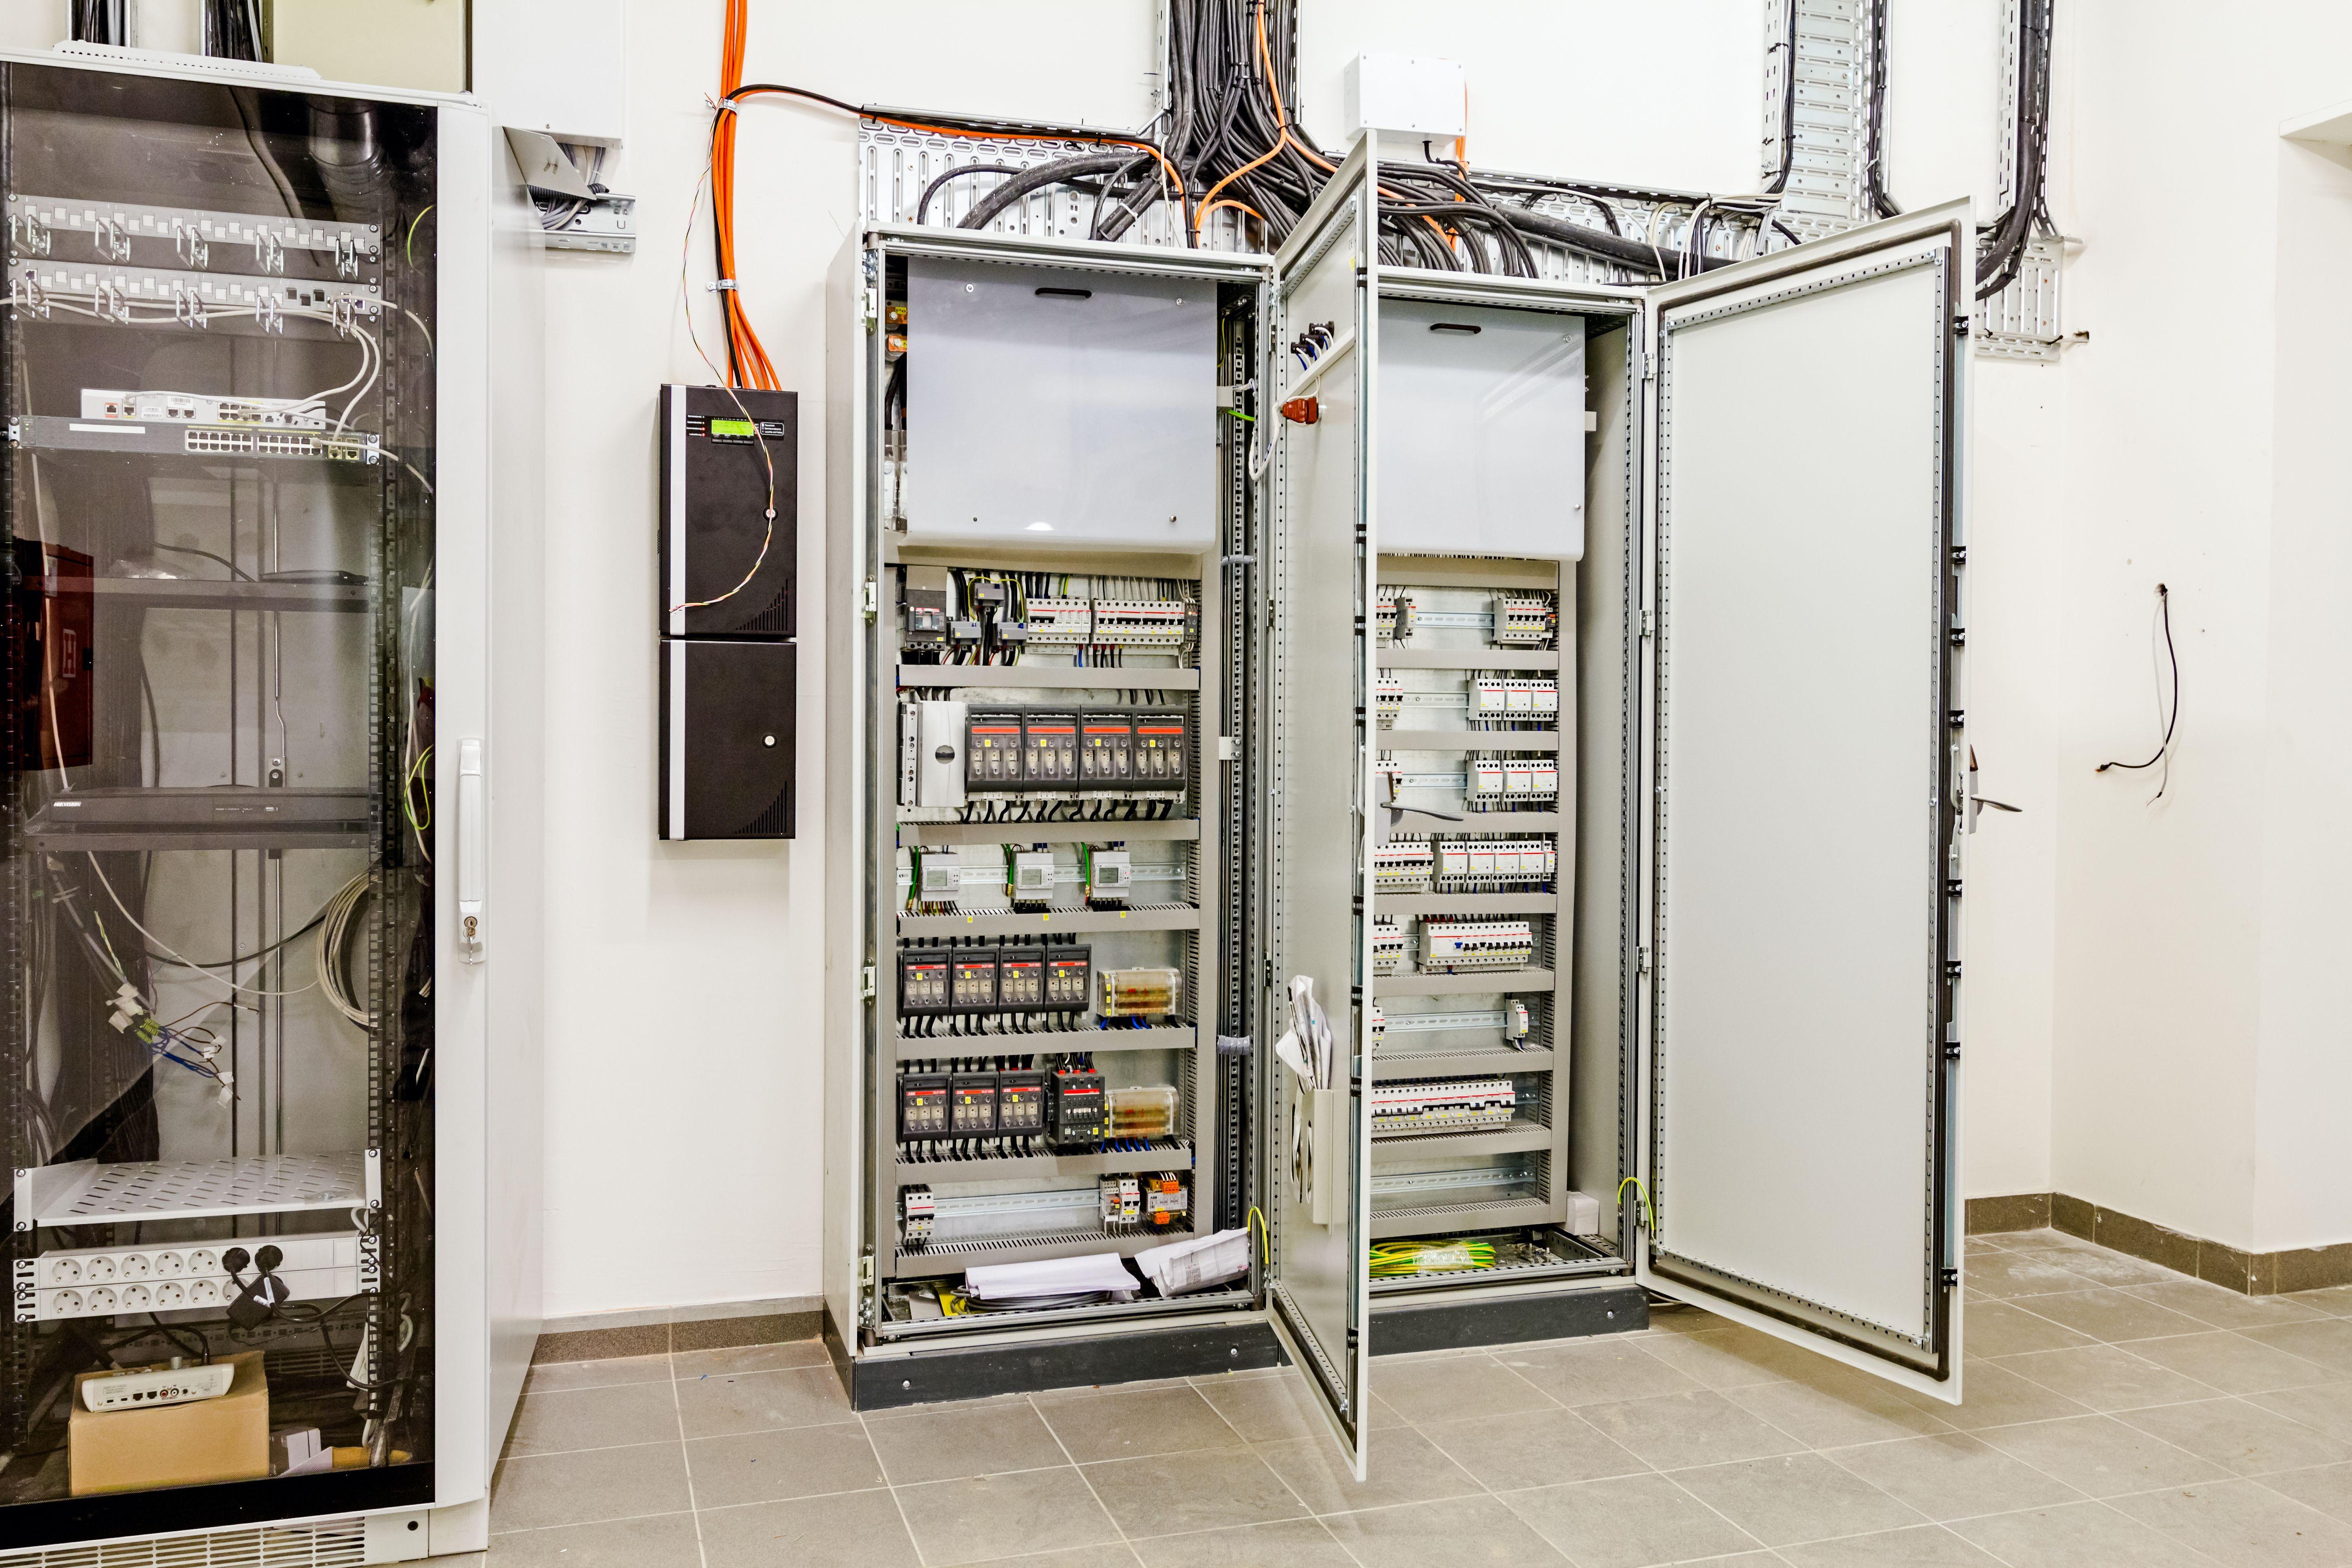 Instaladores electricistas en Eixample en Barcelona